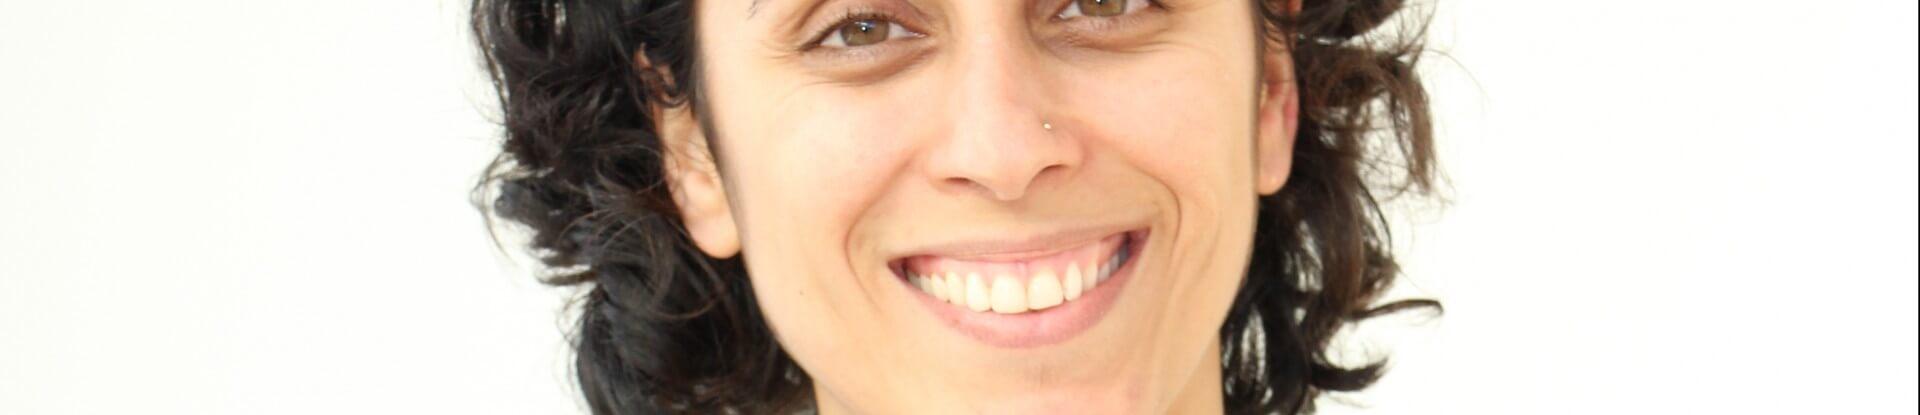 עורכת דין ליאת יונניאן, המחלקה לחקירות שוטרים בפרקליטות המדינה | צילום: אתר מכון גשר למנהיגות | עיבוד צילום: שולי סונגו